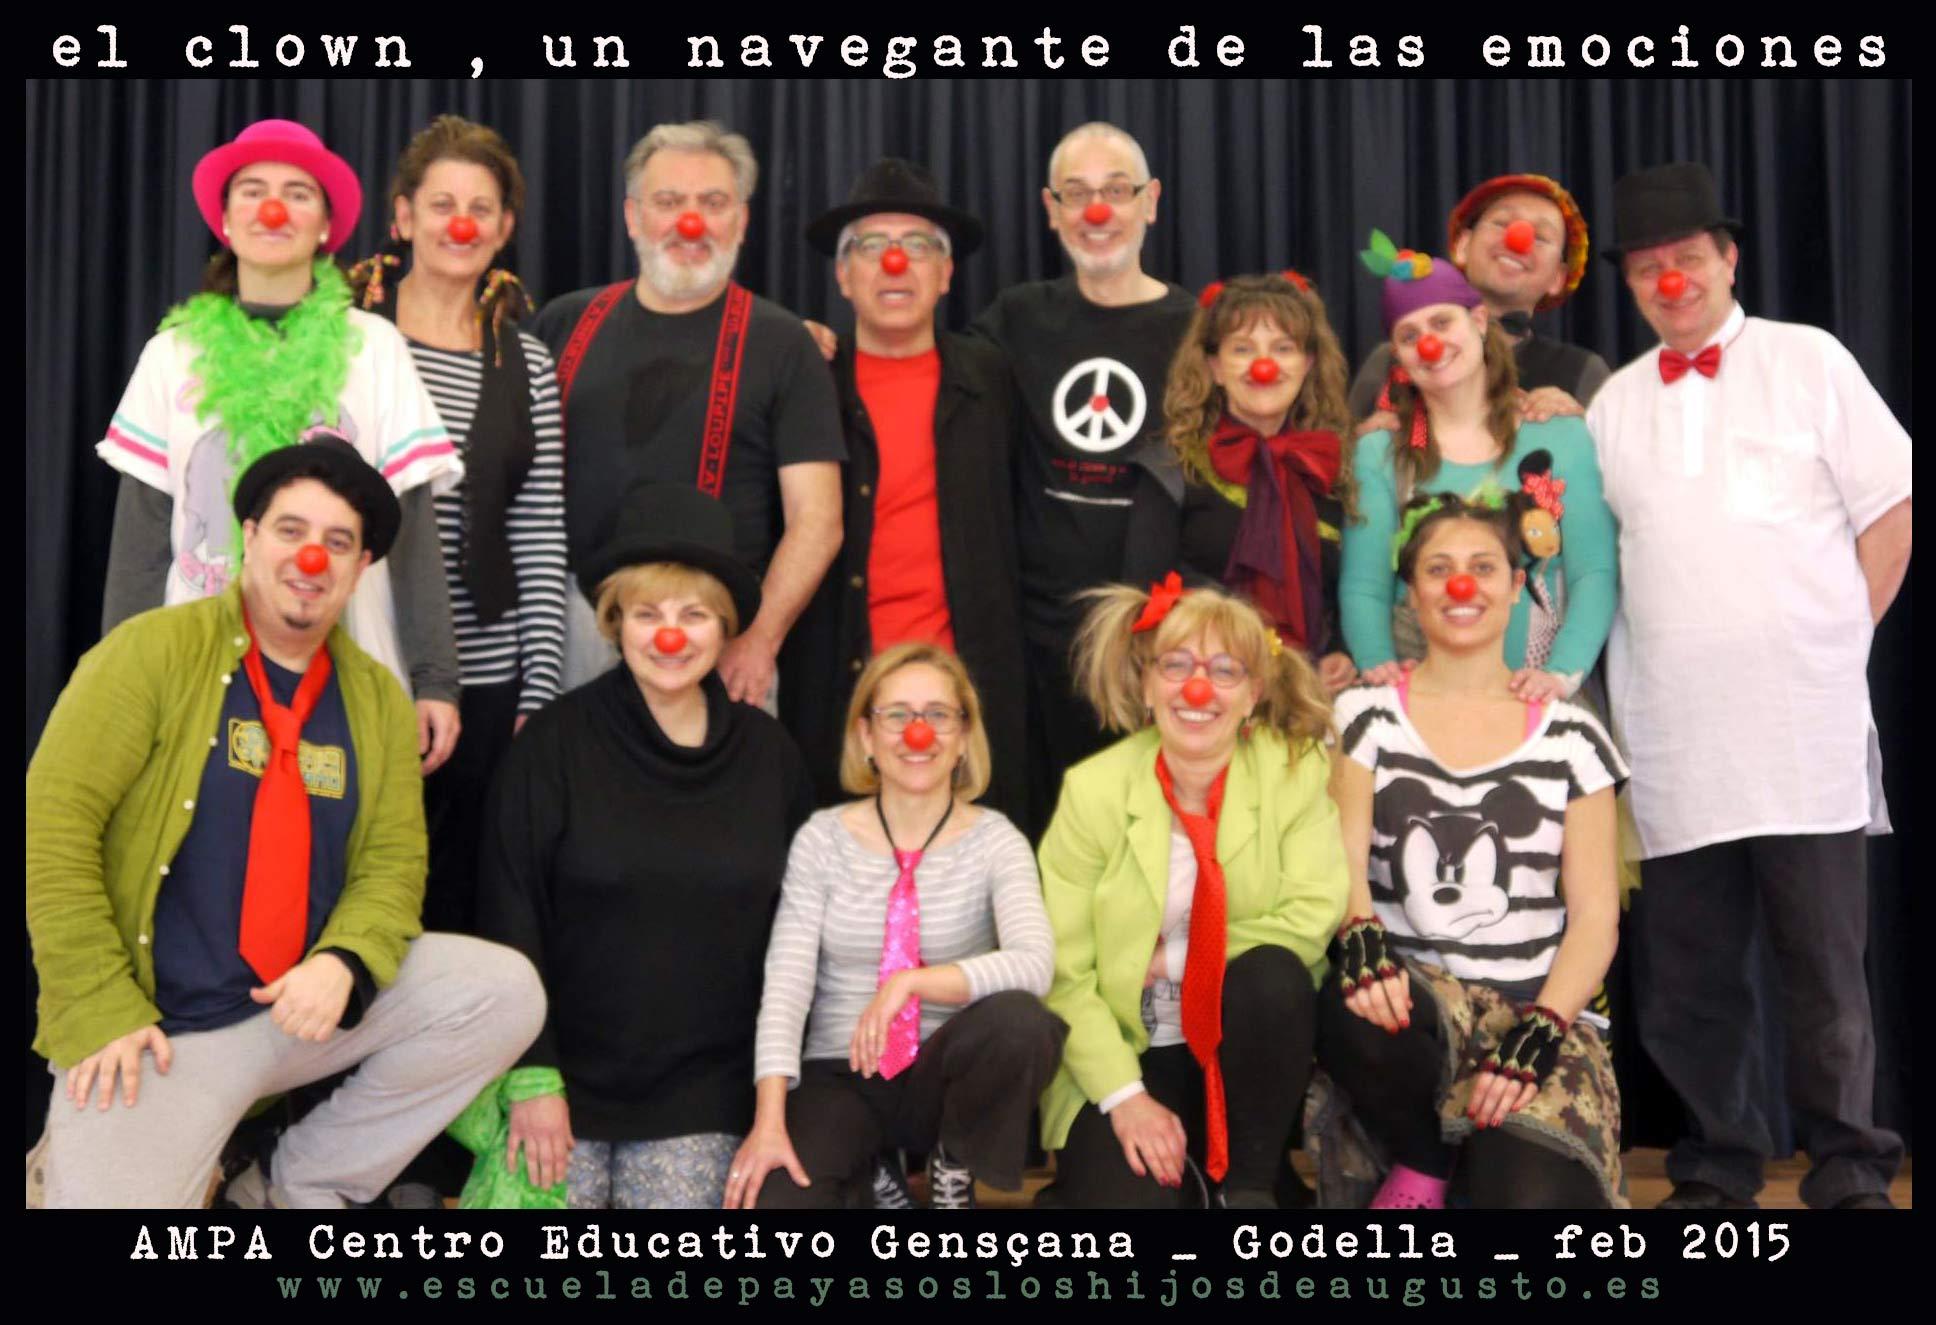 el-clown-un-navegante-de-las-emocionesampa-geana-febrero-2015-godella